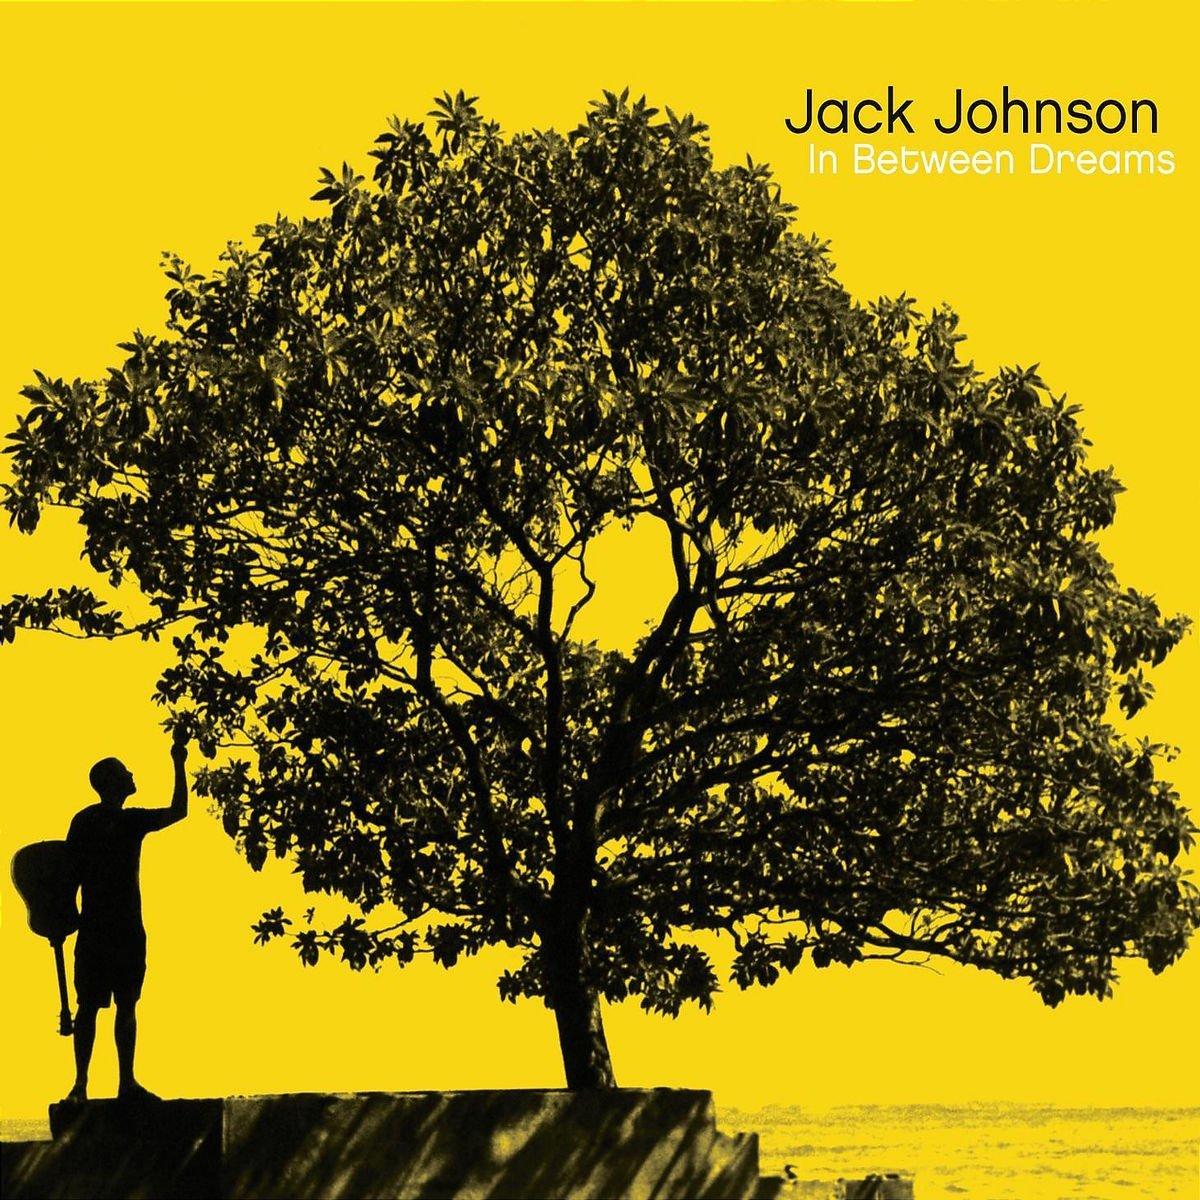 JACK JOHNSON IN BETWEEN